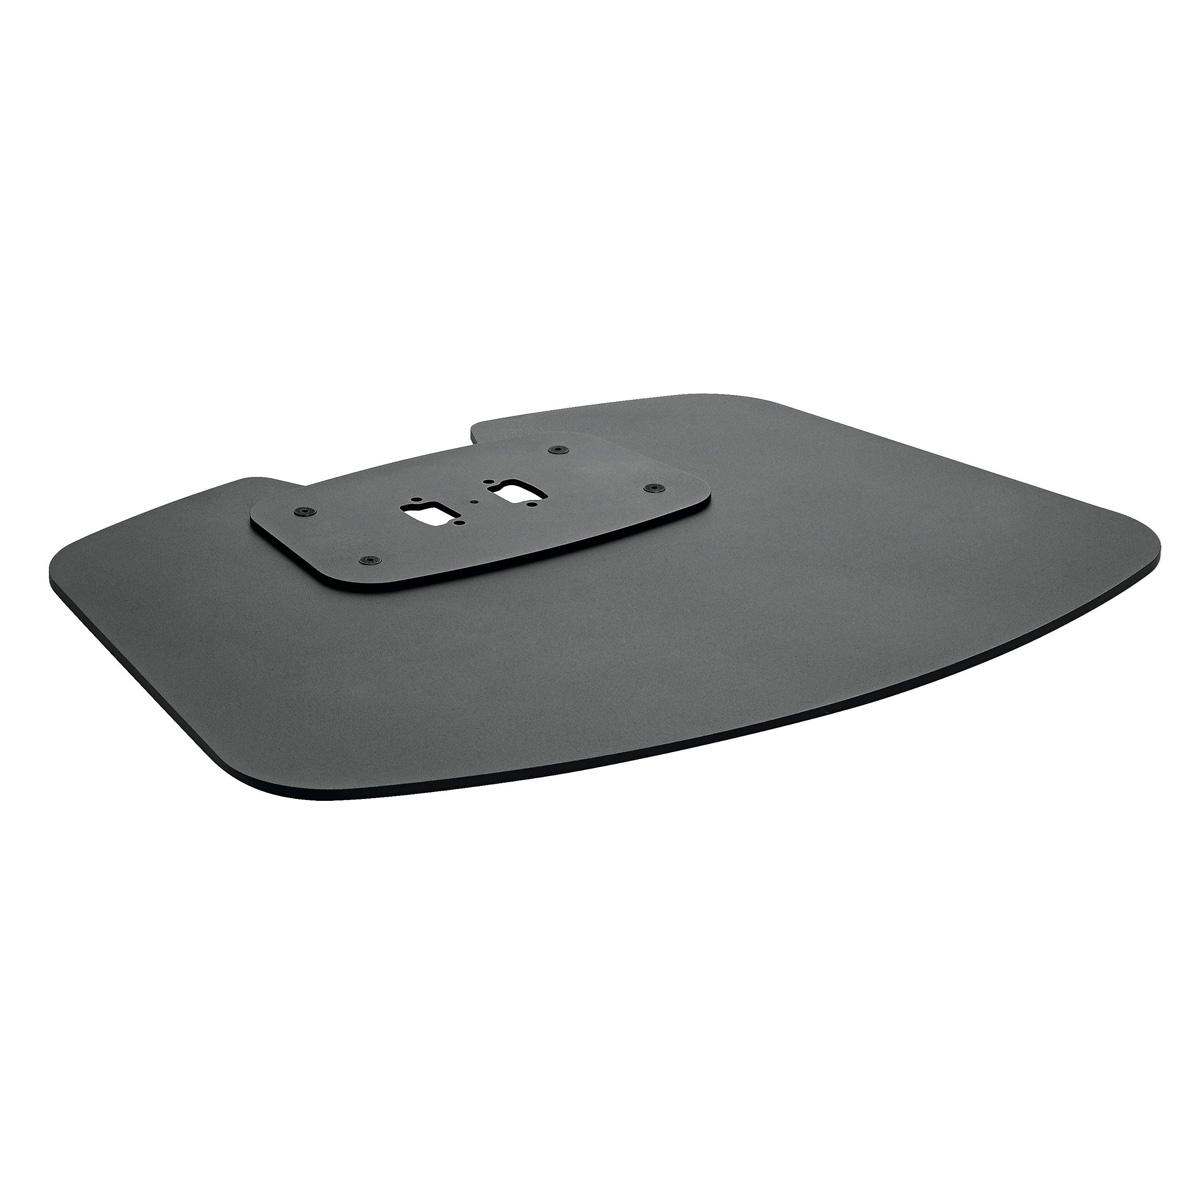 Vogels PFF 7020 Black - Напольная стационарная пластина для стендов и стоек модульной крепежной системы Connect-it, макс. нагрузка 105 кг